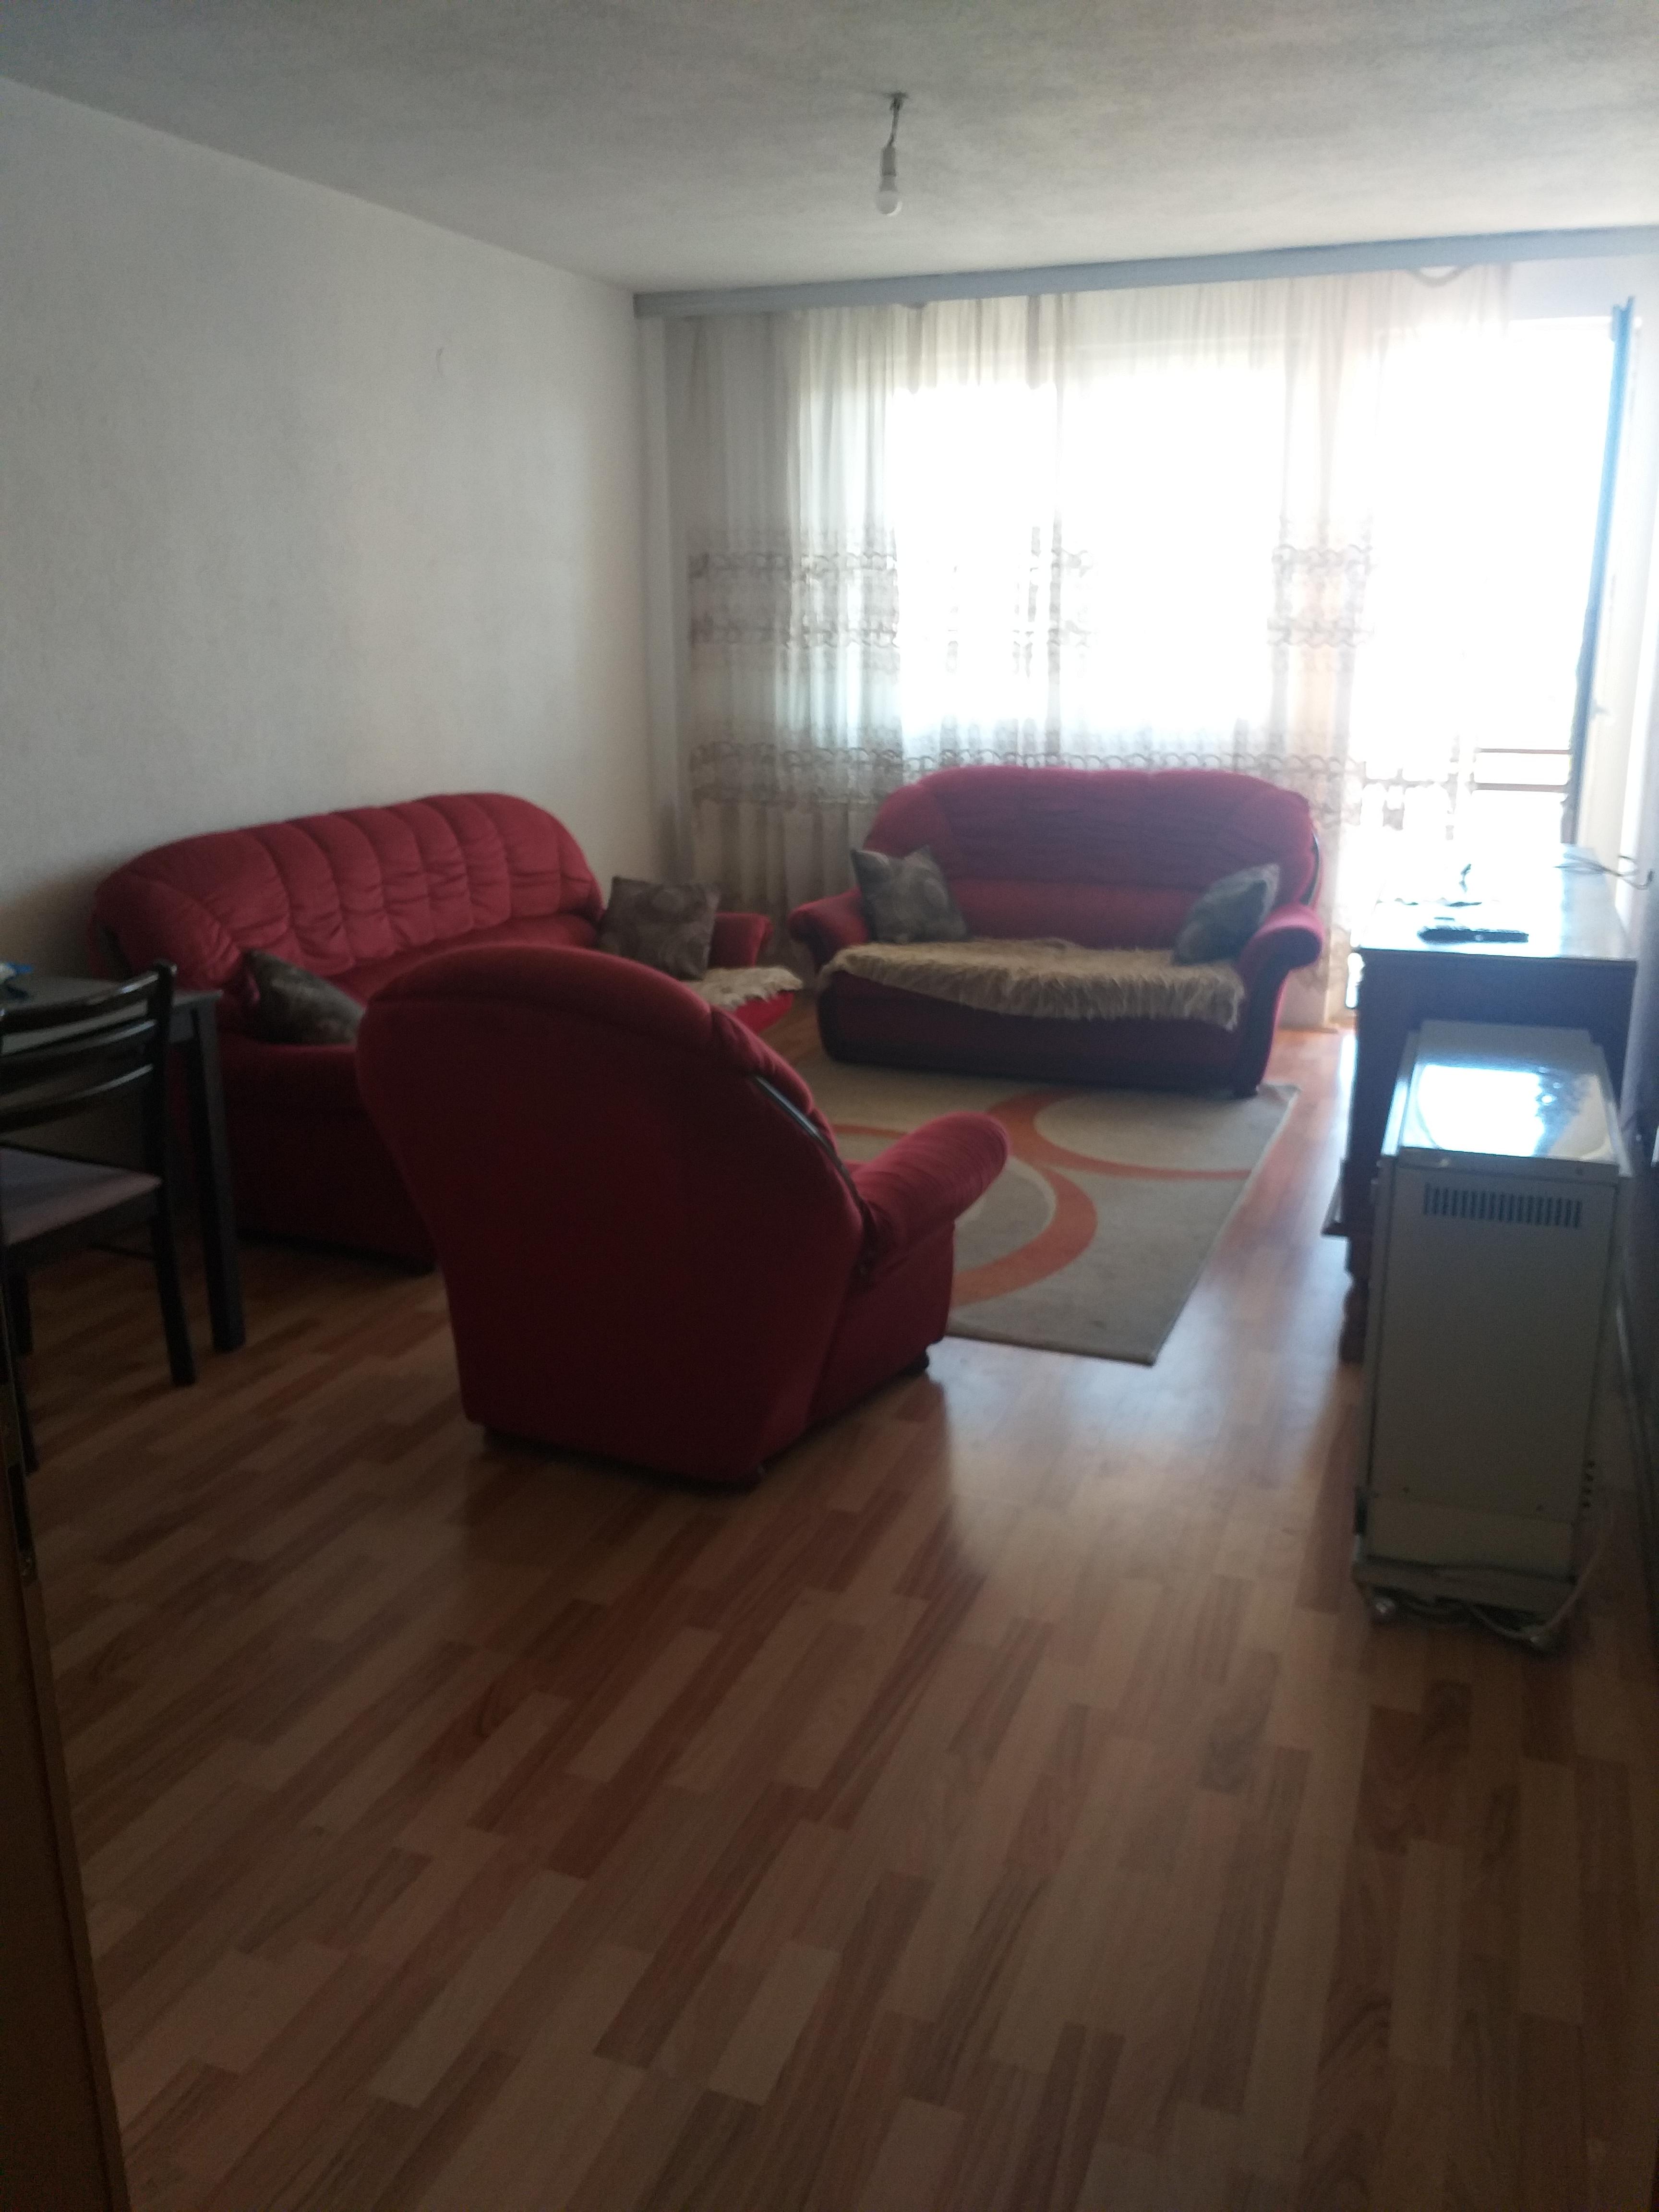 Ipet me qira banesa 3 dhomeshe 80m2 kati 3 në lagjen Aktash